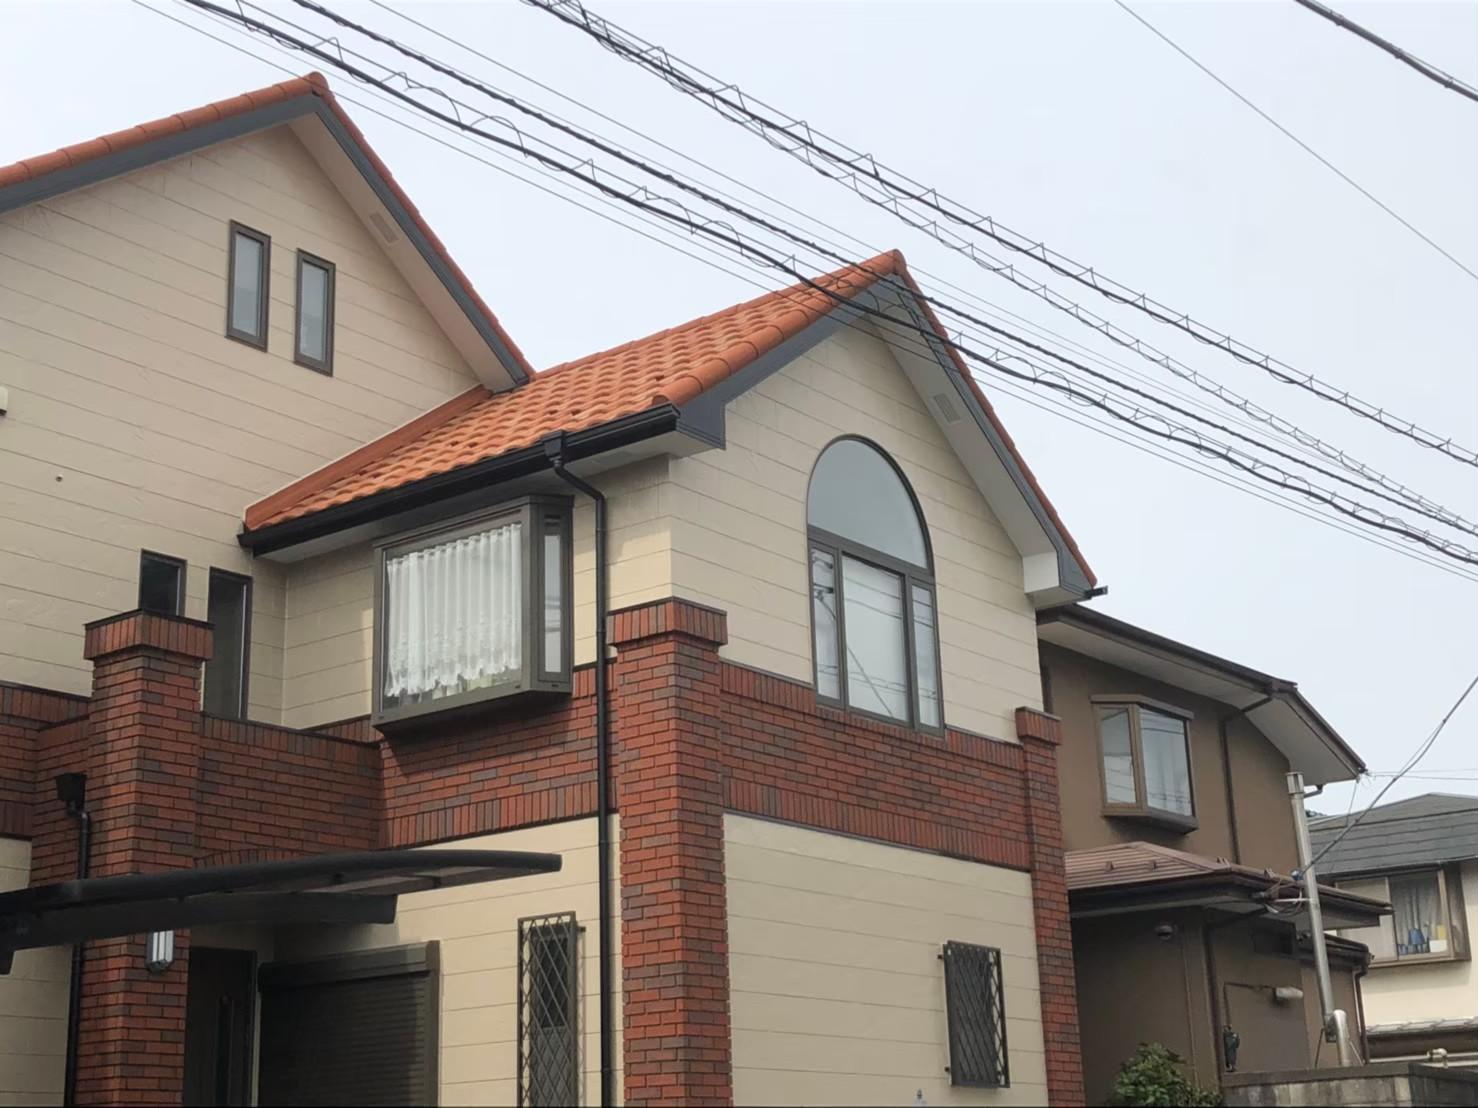 屋根重ね葺き、外装塗装【154】横浜市緑区K様